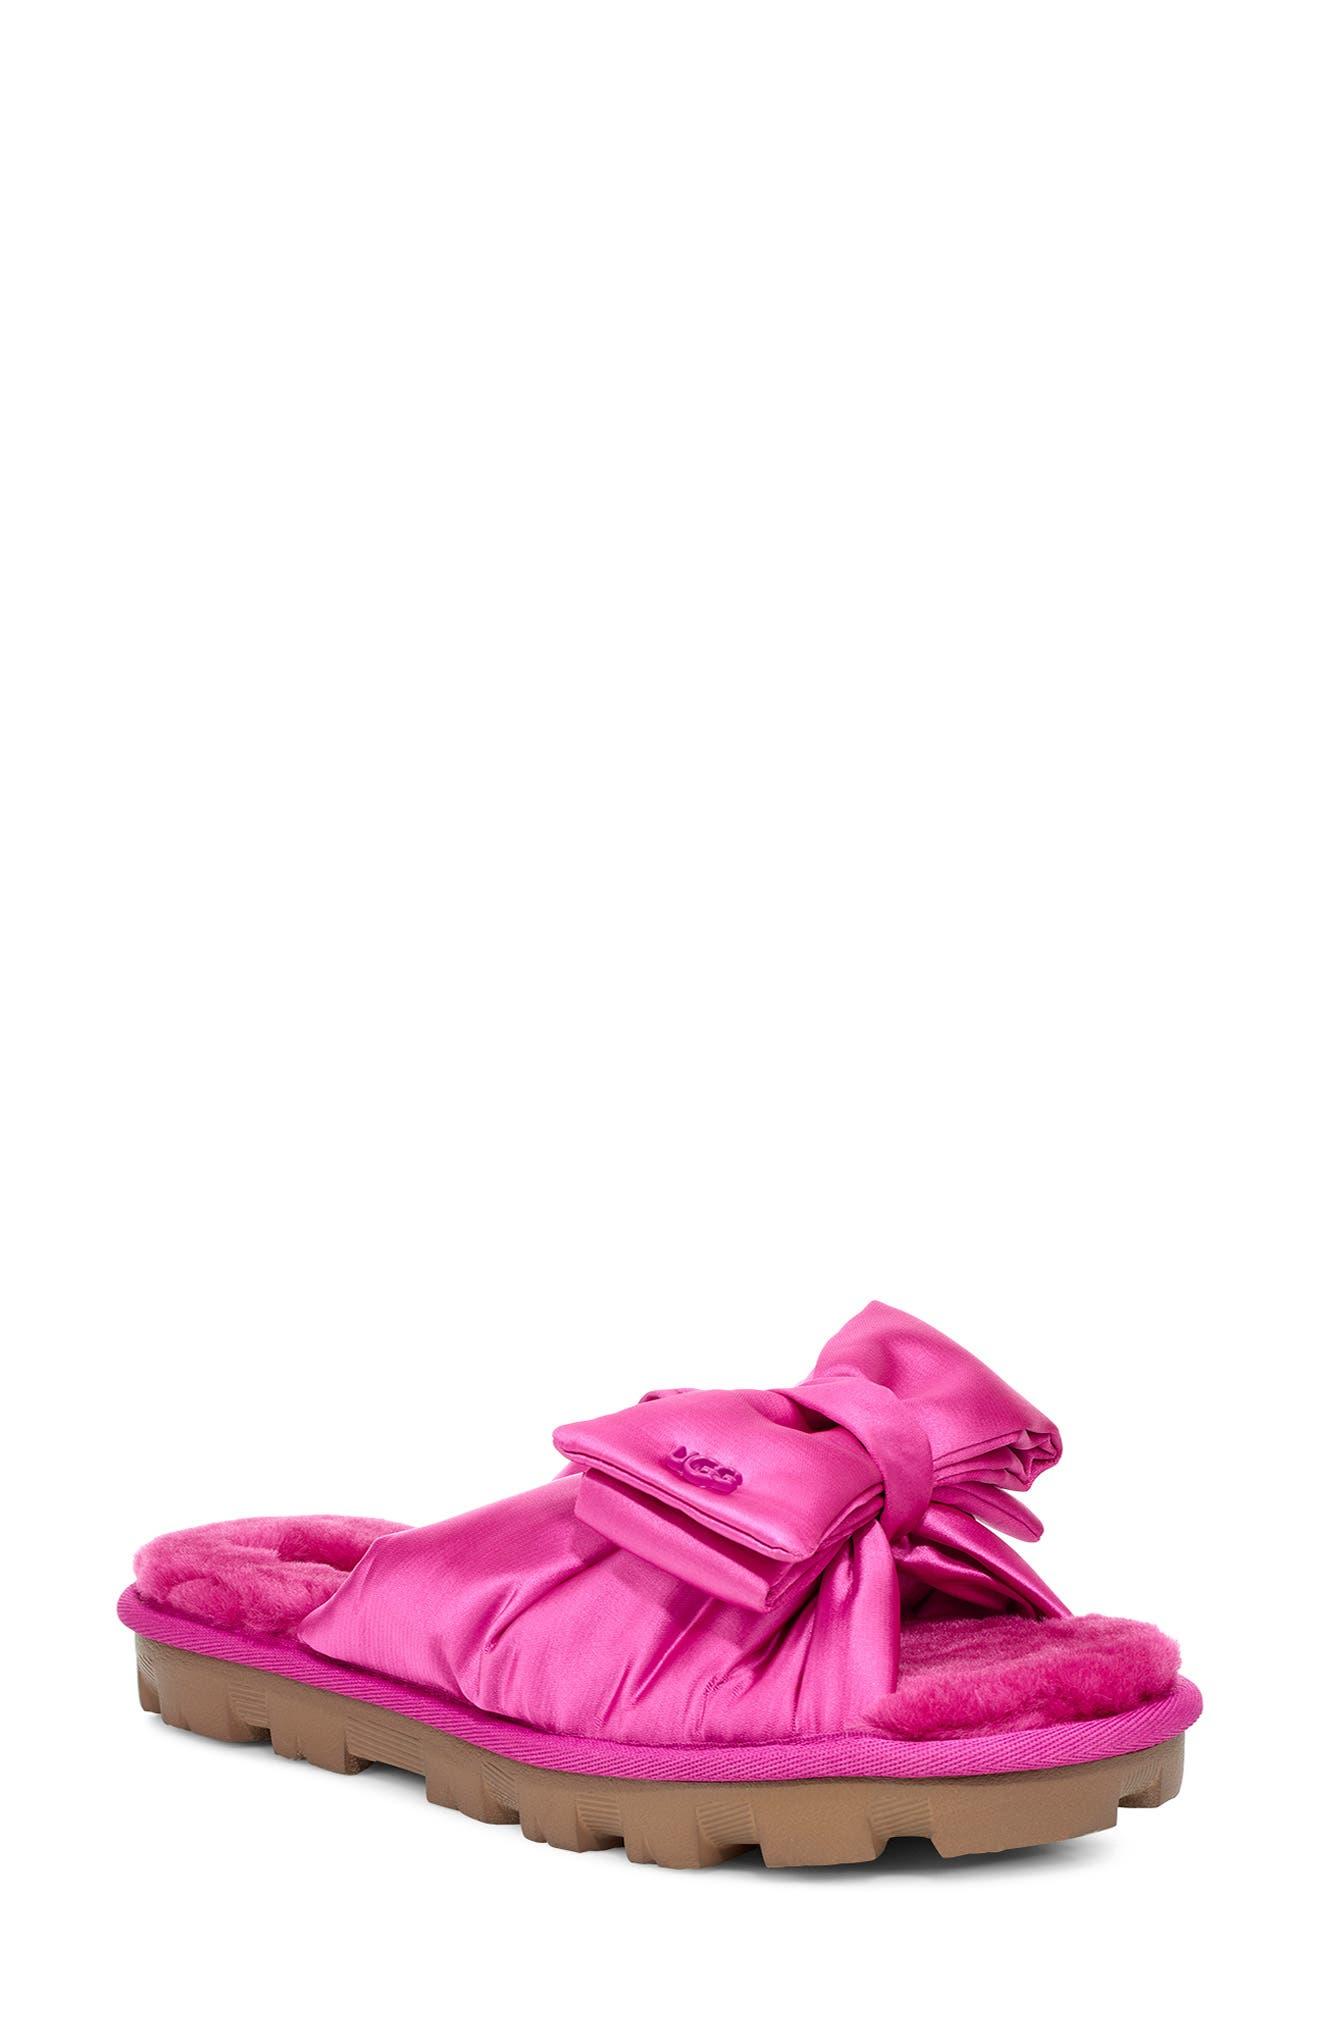 Ugg® Lushette Puffer Genuine Shearling Slide Slipper (Women)